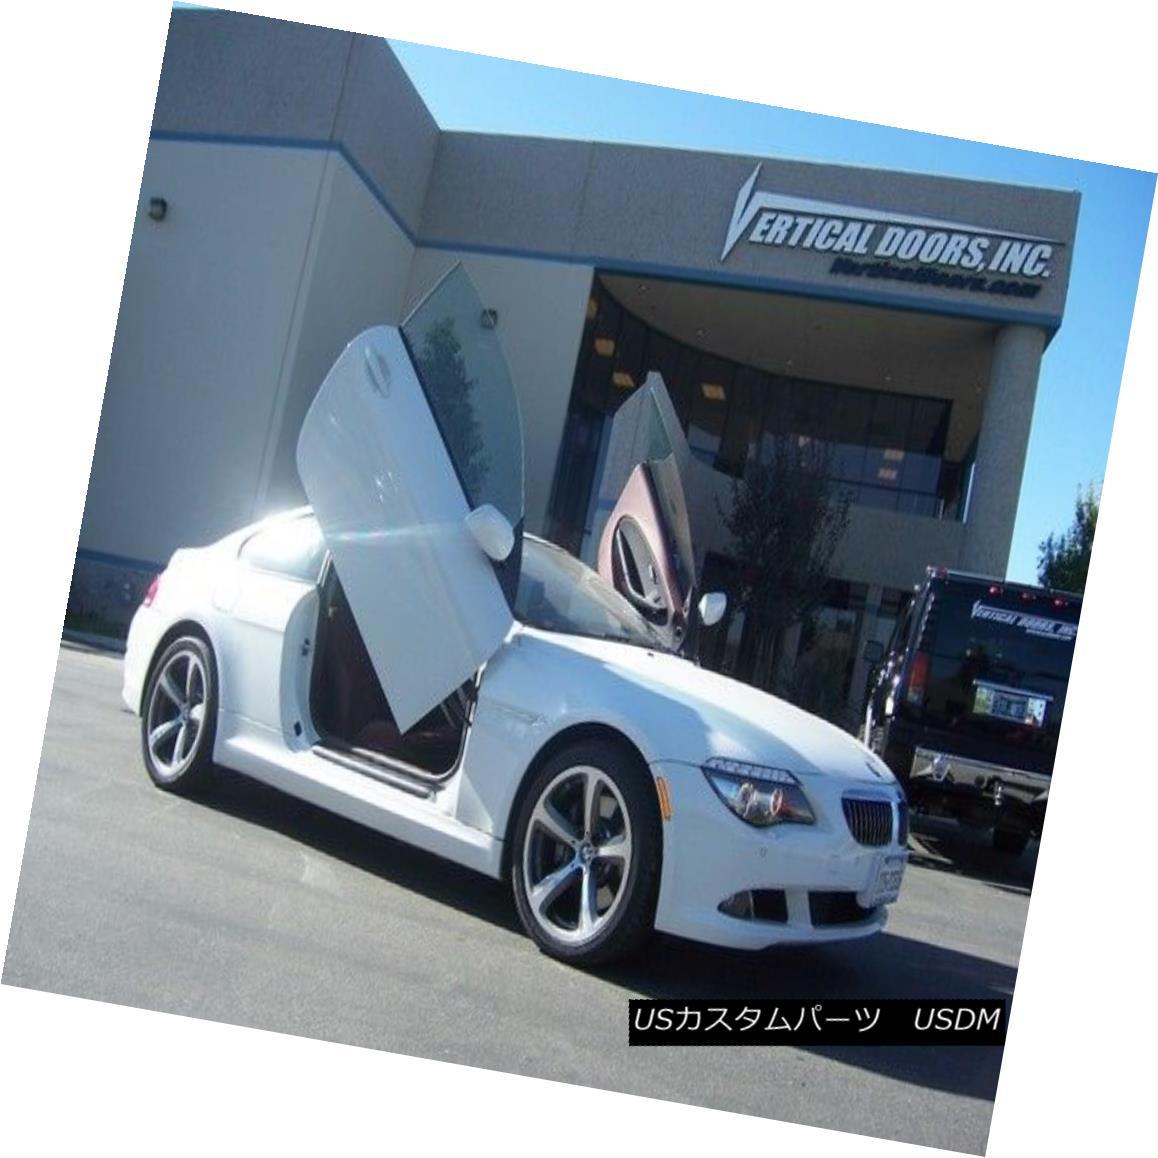 ガルウィングキット VDCBMW60309 Direct Bolt On Vertical Lambo Doors Hinges Kit With Warranty VDCBMW60309保証付き垂直ランボルフトドアヒンジキットのダイレクトボルト